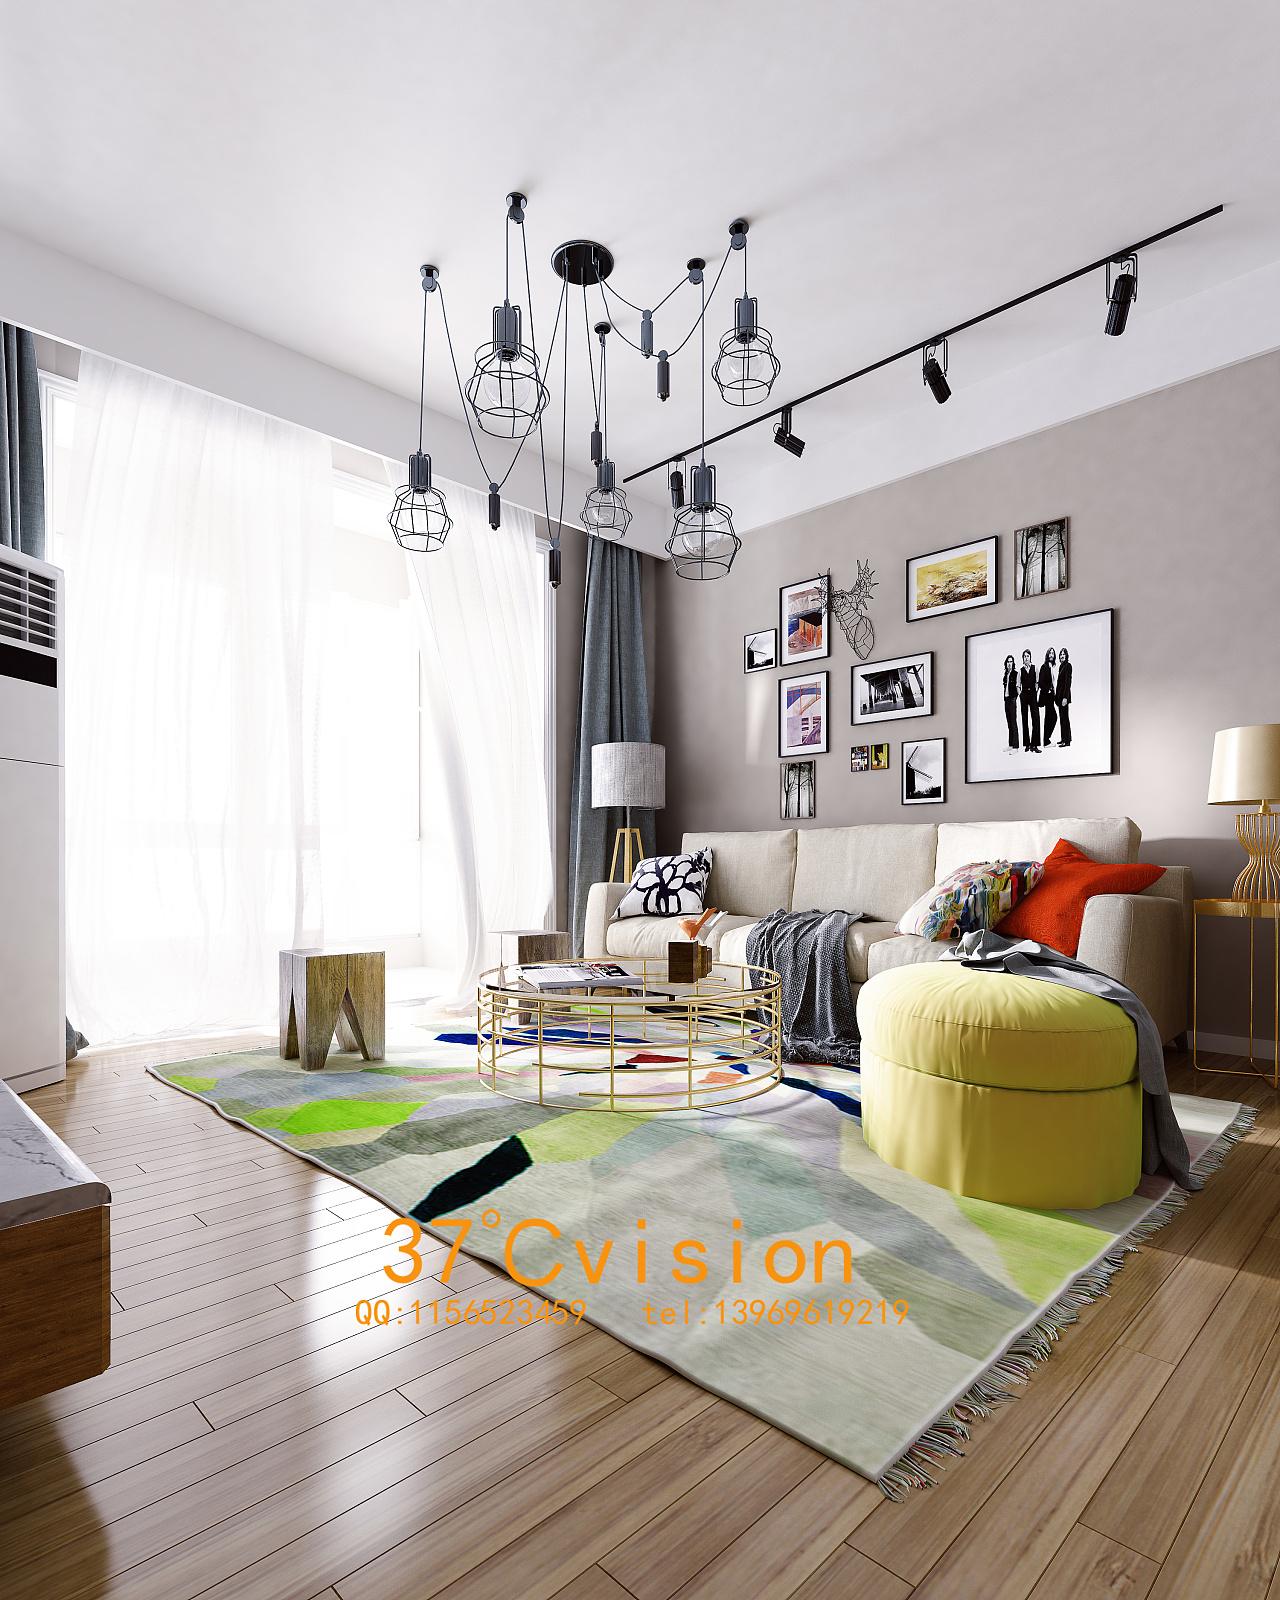 室内|三维|建筑/空间|d37vision - 原创作品 - 站酷